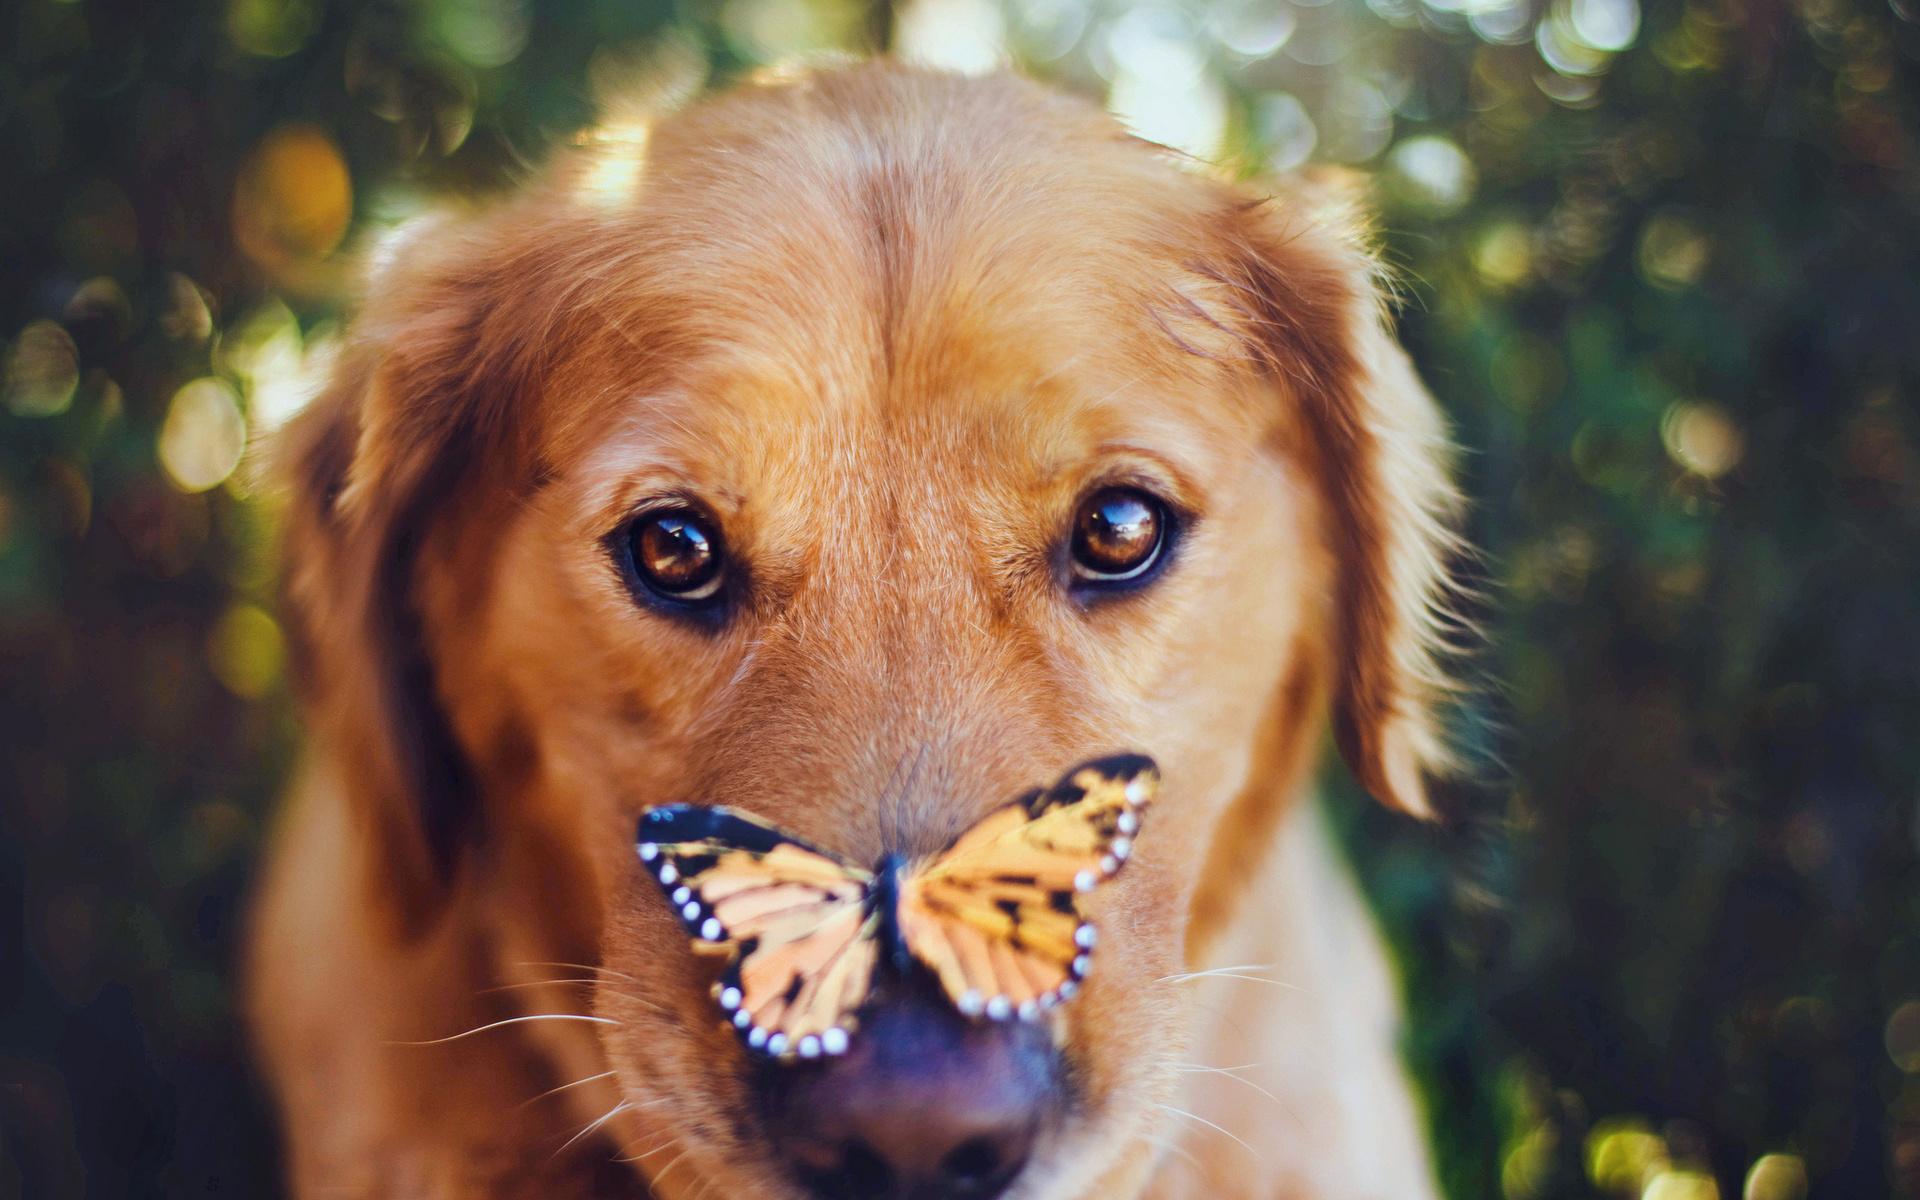 Прикольные картинки на телефон с собачками